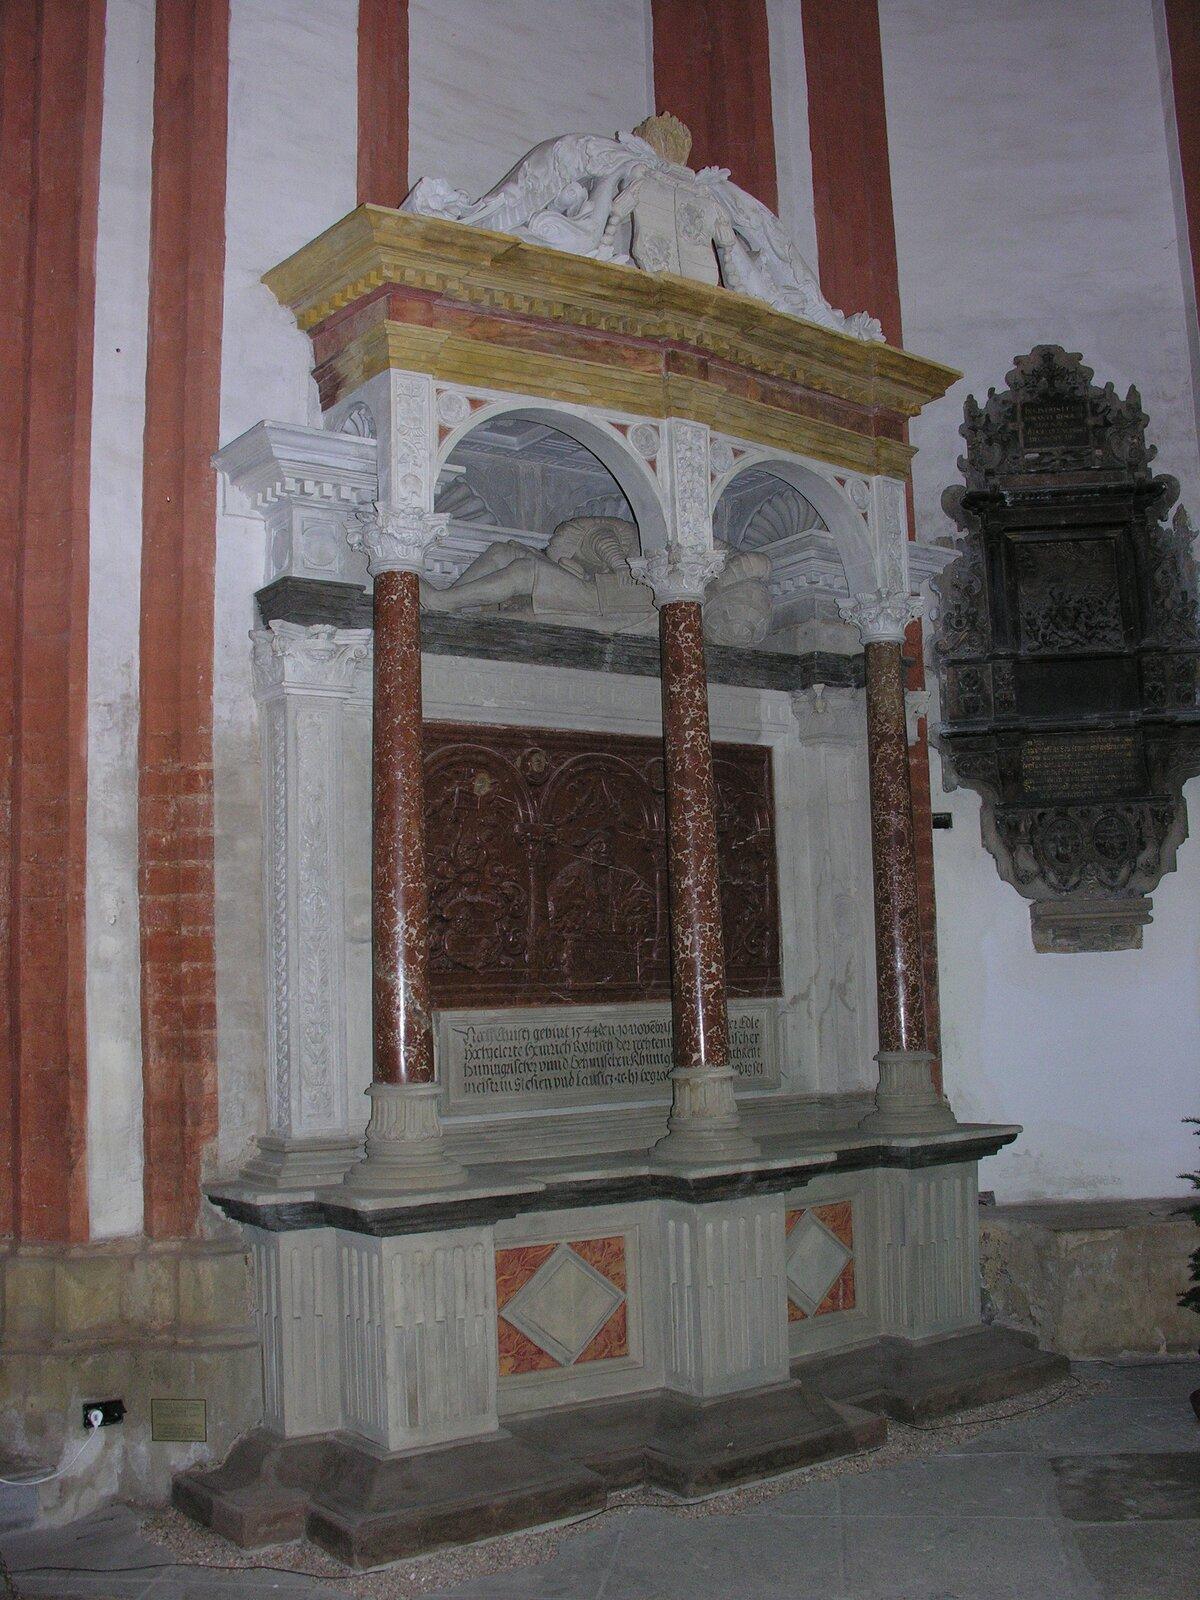 Nagrobek Rybischa(1485-1544)wkościele św. Elżbiety we Wrocławiu– humanisty, rajcy miejskiego pochowanego wkościele parafialnym pw. św. Elżbiety. Rybisch uczestniczył w1518 r. wślubie króla Zygmunta Starego zdrugą żoną Boną Sforzą. Gorący zwolennik poglądów Lutra. Nagrobek Rybischa(1485-1544)wkościele św. Elżbiety we Wrocławiu– humanisty, rajcy miejskiego pochowanego wkościele parafialnym pw. św. Elżbiety. Rybisch uczestniczył w1518 r. wślubie króla Zygmunta Starego zdrugą żoną Boną Sforzą. Gorący zwolennik poglądów Lutra. Źródło: Wikimedia Commons, licencja: CC BY-SA 2.5.